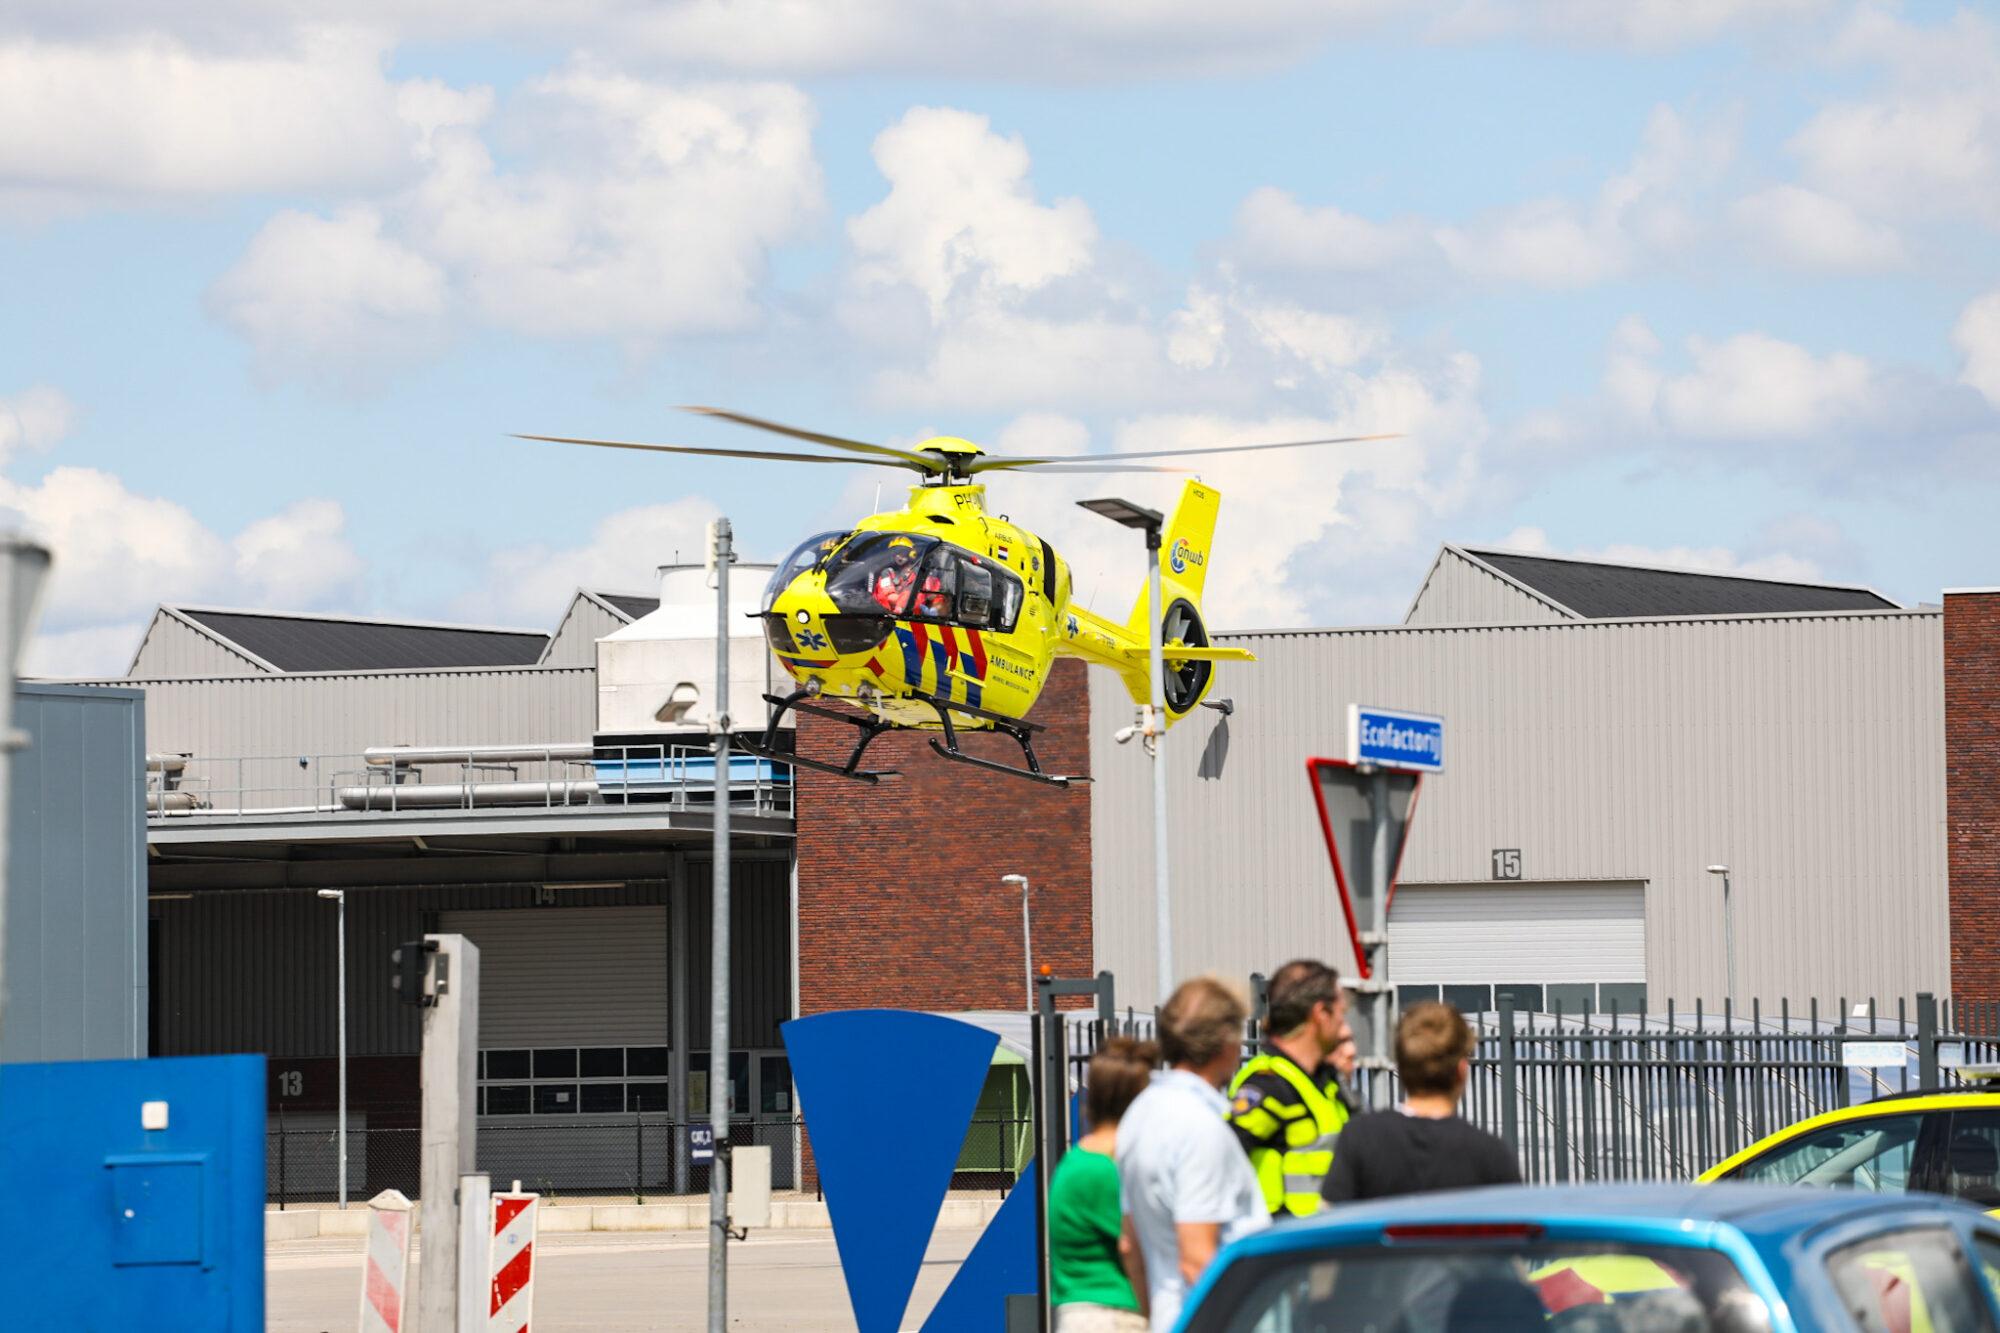 Ernstig ongeval op industrieterrein in Apeldoorn